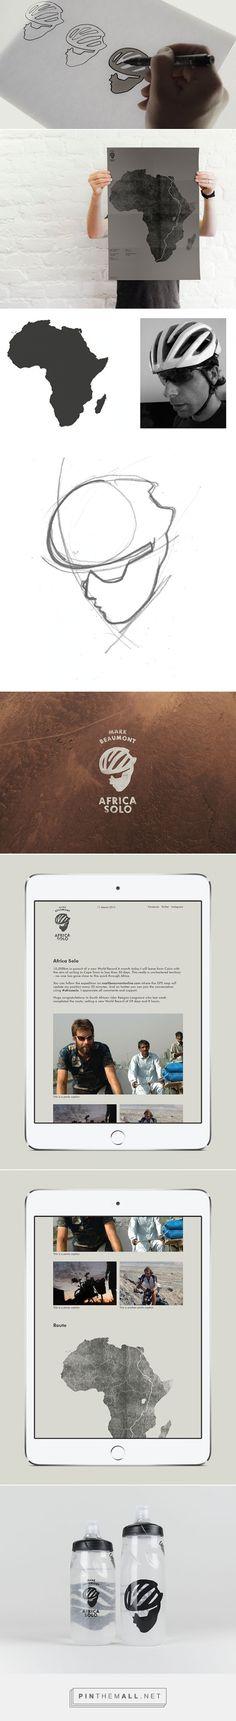 Genial ver el proceso de creación del logo! Les quedó bien chevere y pertinente :) -  Africa Solo | Logo Design Love - created via http://pinthemall.net